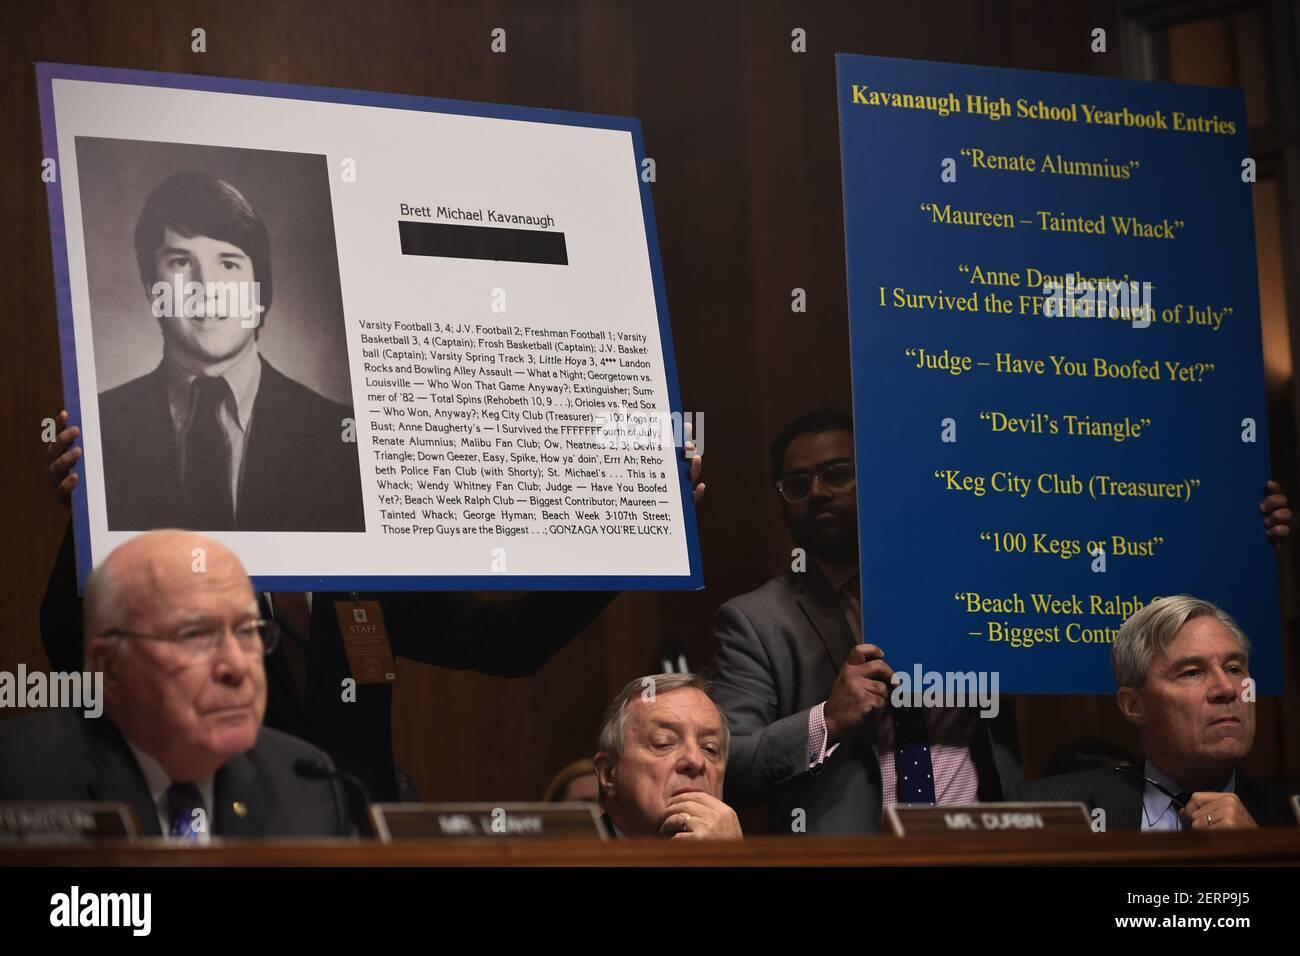 Extractos de su anuario de secundaria se muestran como el candidato de la Corte Suprema Brett Kavanaugh testifica ante el Comité Judicial del Senado de Estados Unidos en Capitol Hill en Washington, DC, 27 de septiembre de 2018. (Foto de SAUL LOEB/Pool/Sipa USA) Foto de stock